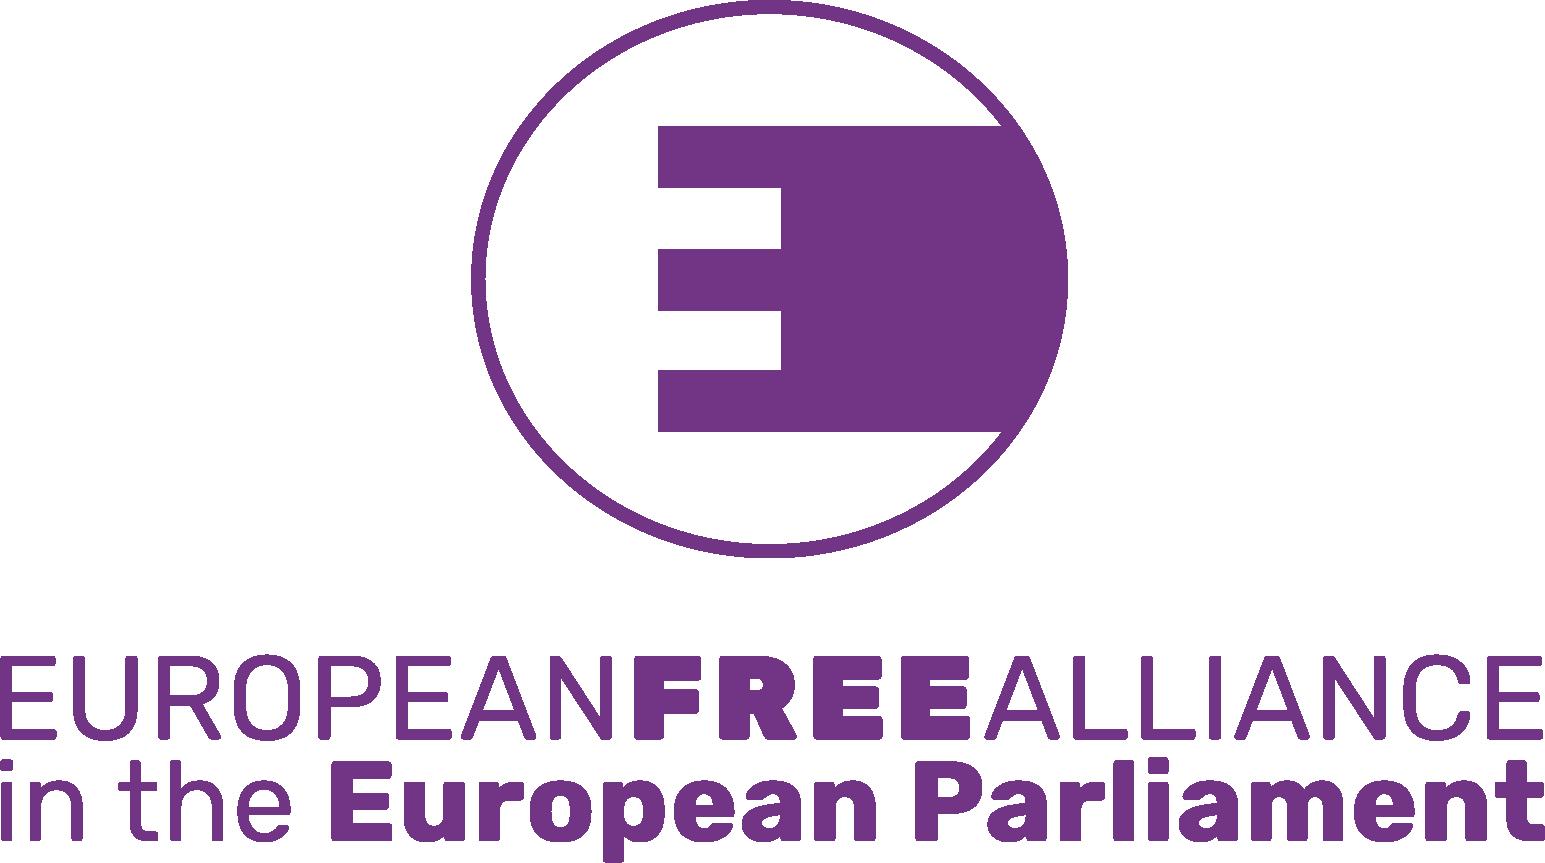 European Free Alliance Group in the European Parliament